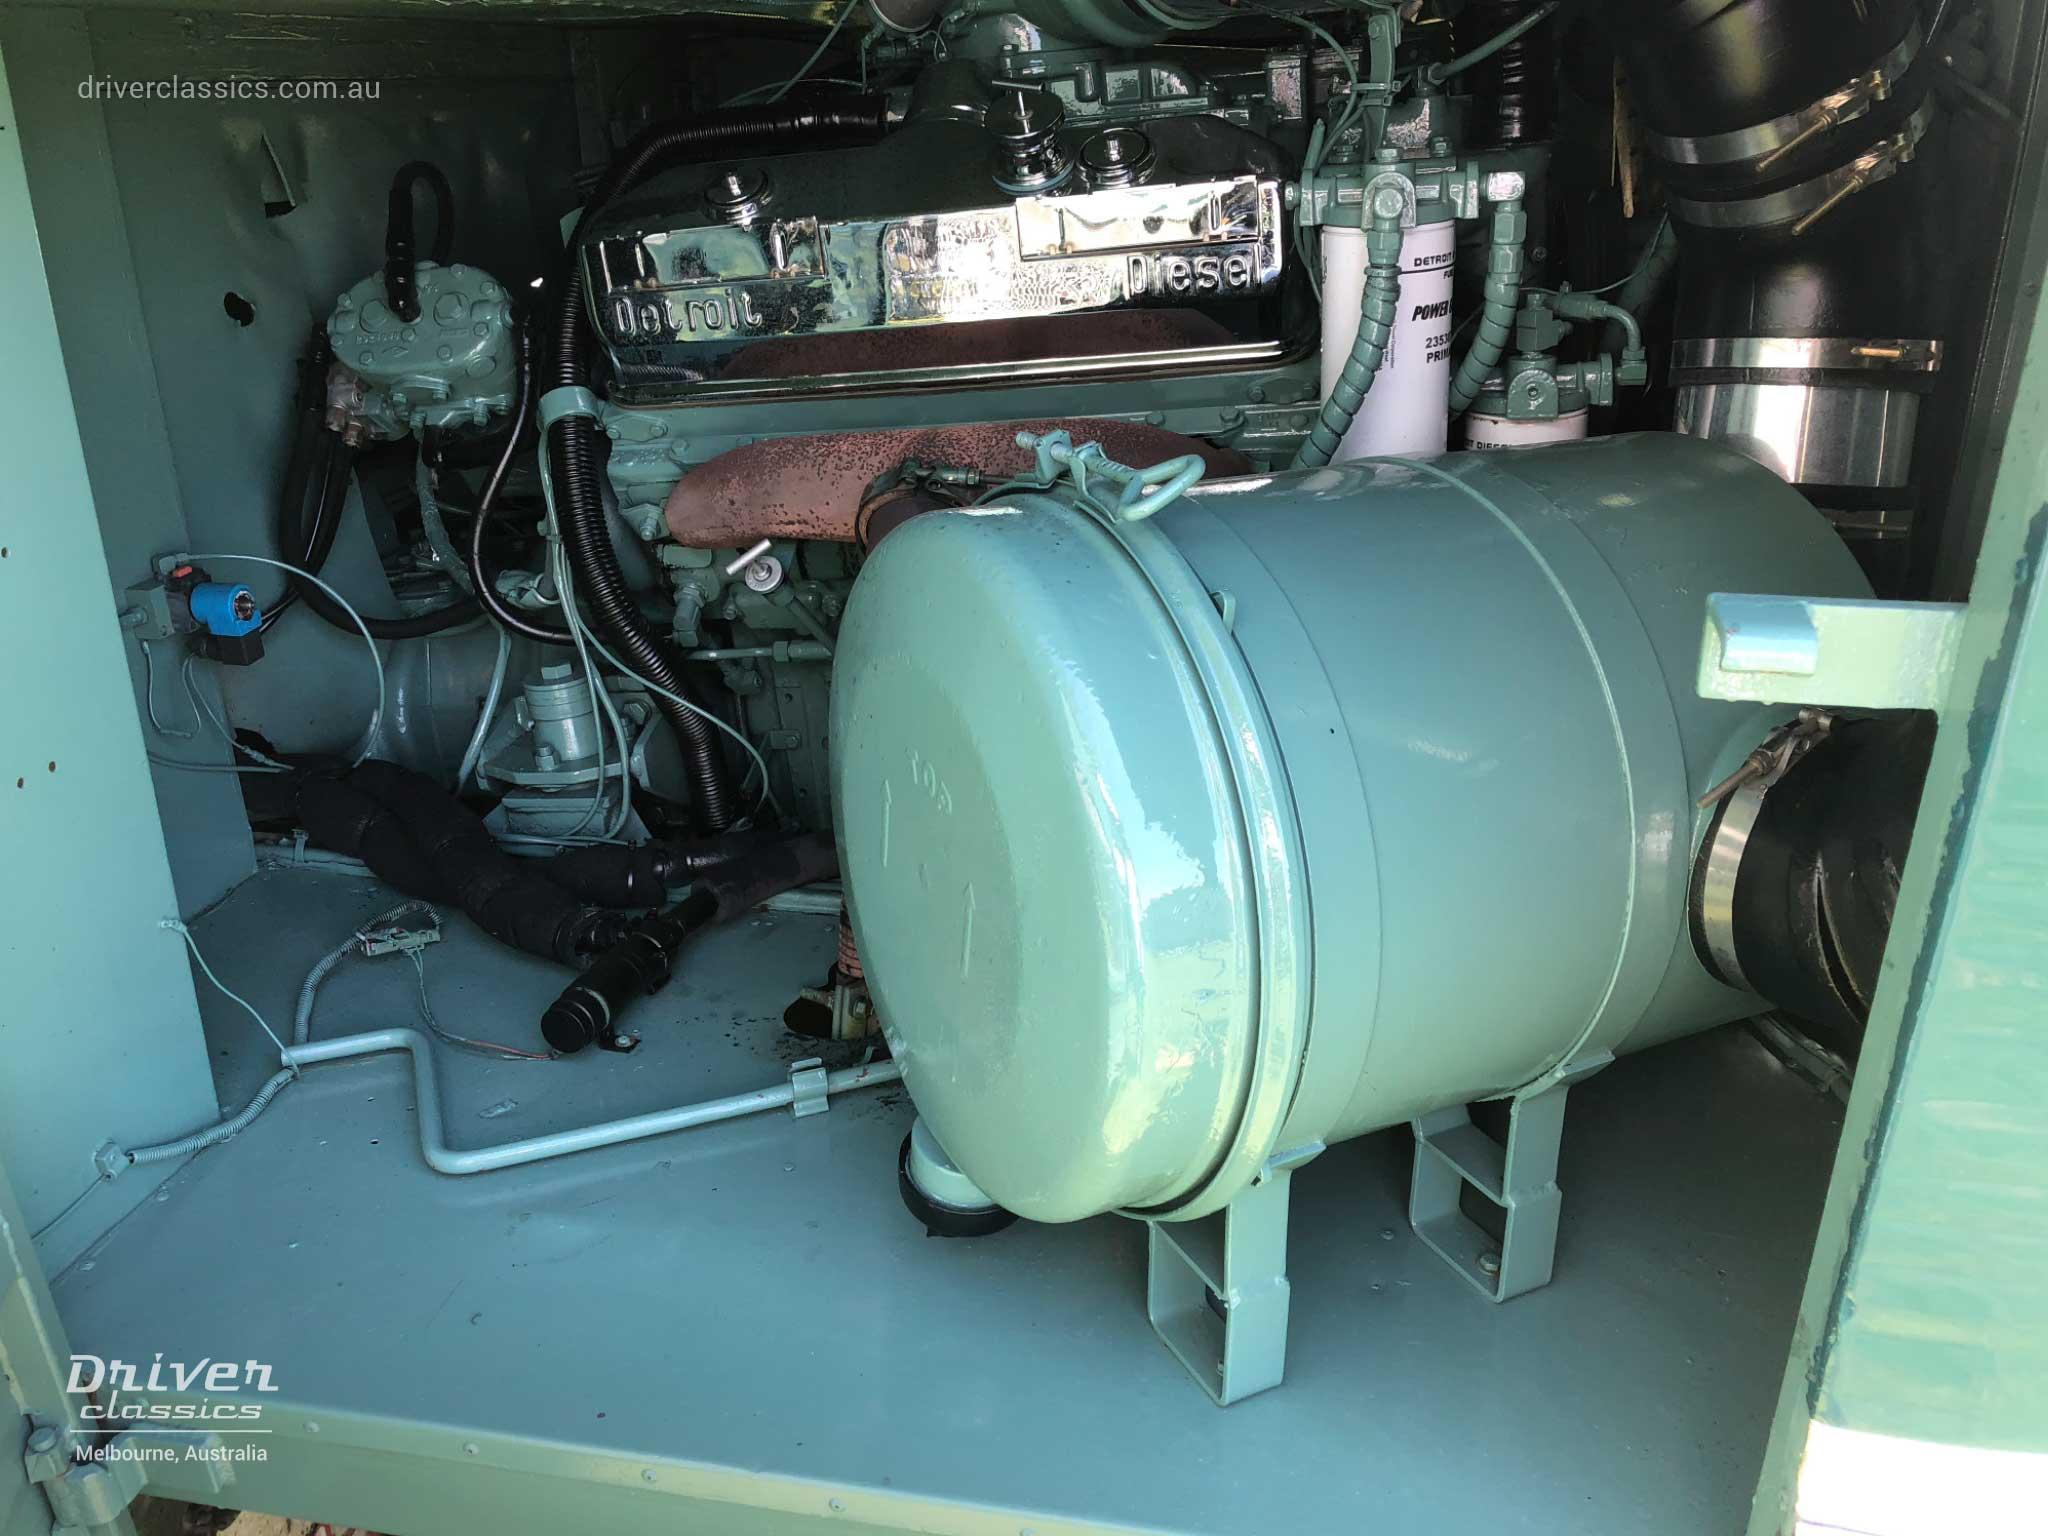 Detroit Diesel 8V71 engine in engine bay of 1983 GM Denning DenAir Mono, photo taken 2018